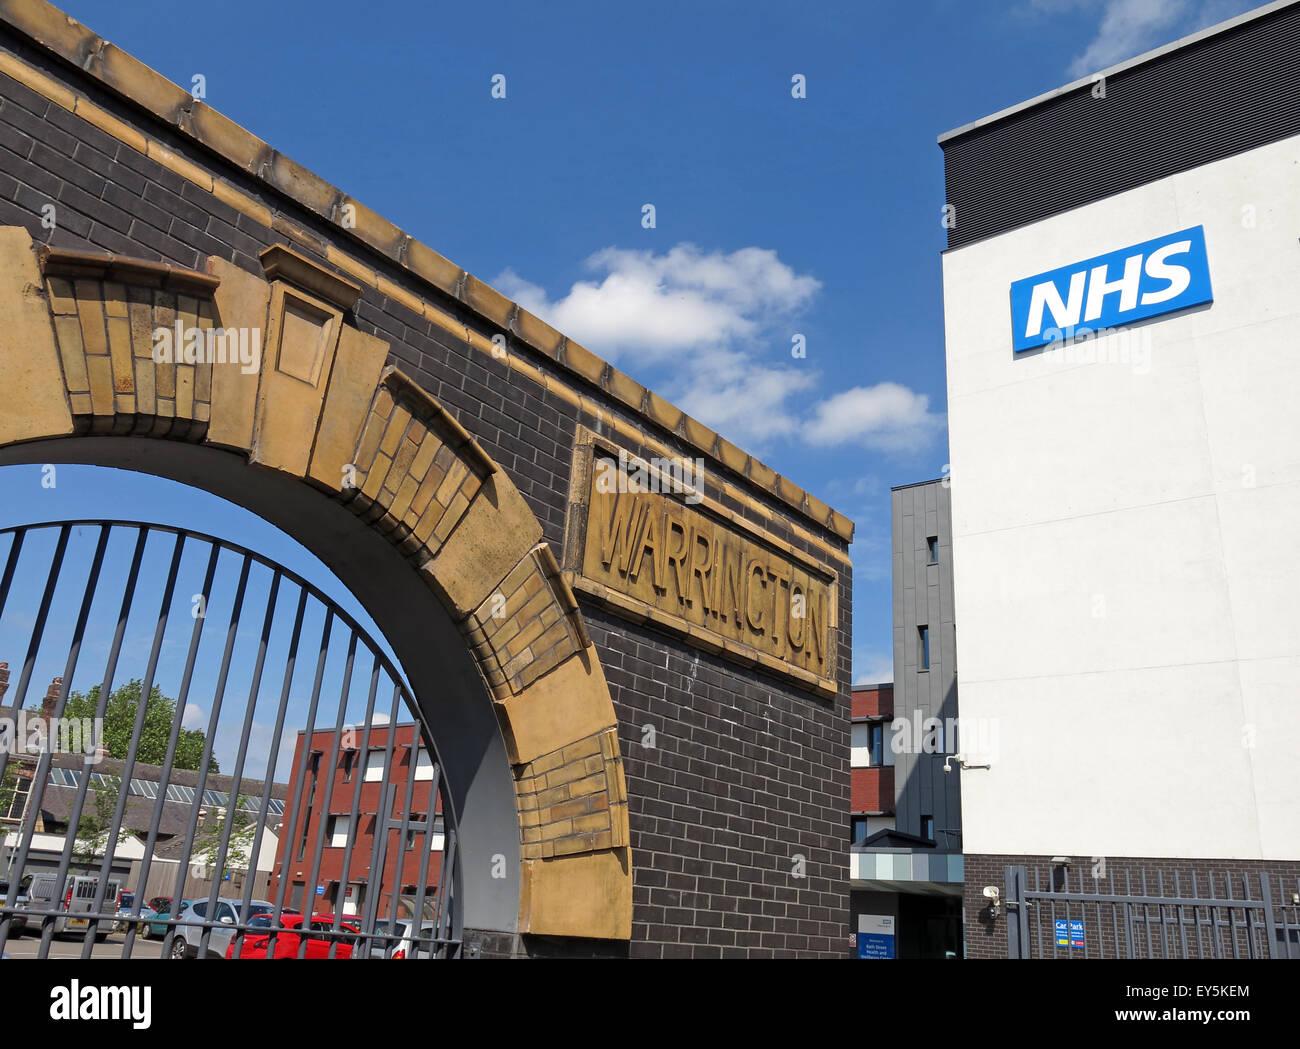 Laden Sie dieses Alamy Stockfoto Bad St, Warrington Hospitals NHS Trust, Cheshire, England, Vereinigtes Königreich - EY5KEM